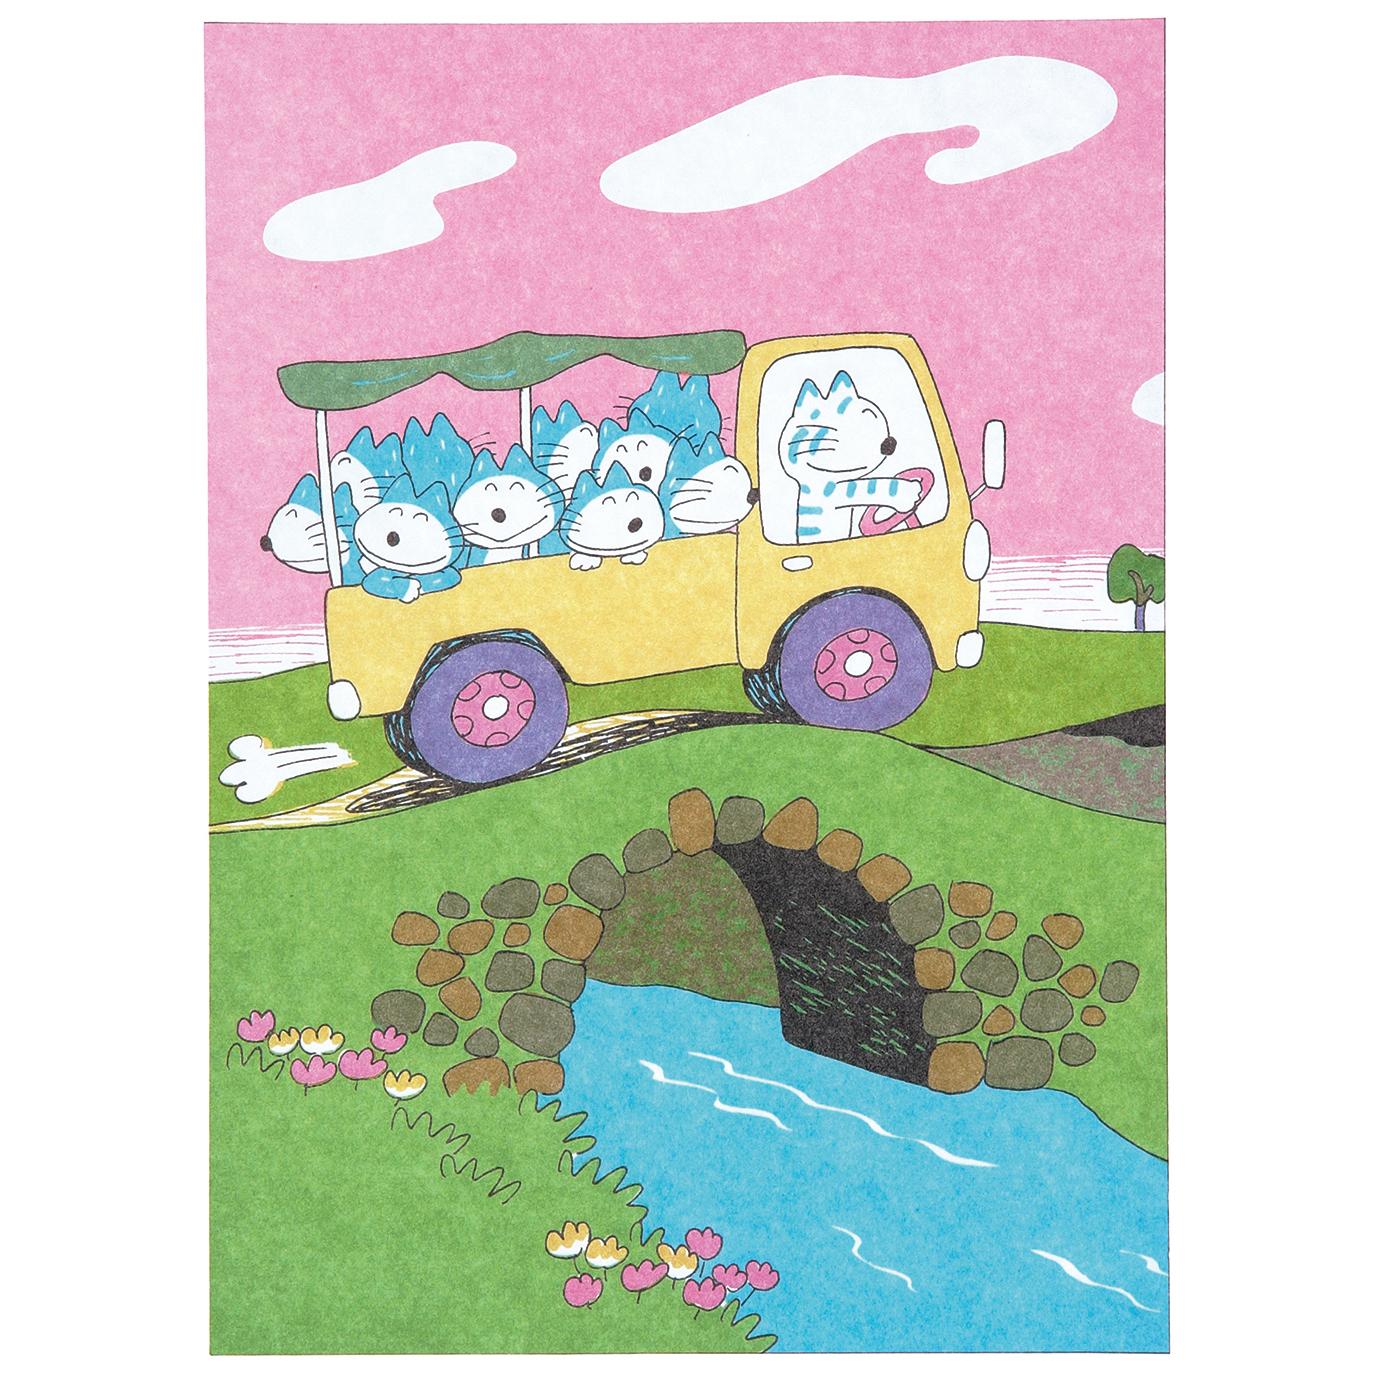 11ぴきのねこ 馬場のぼる<br> ケース付きレターセット(トラック)